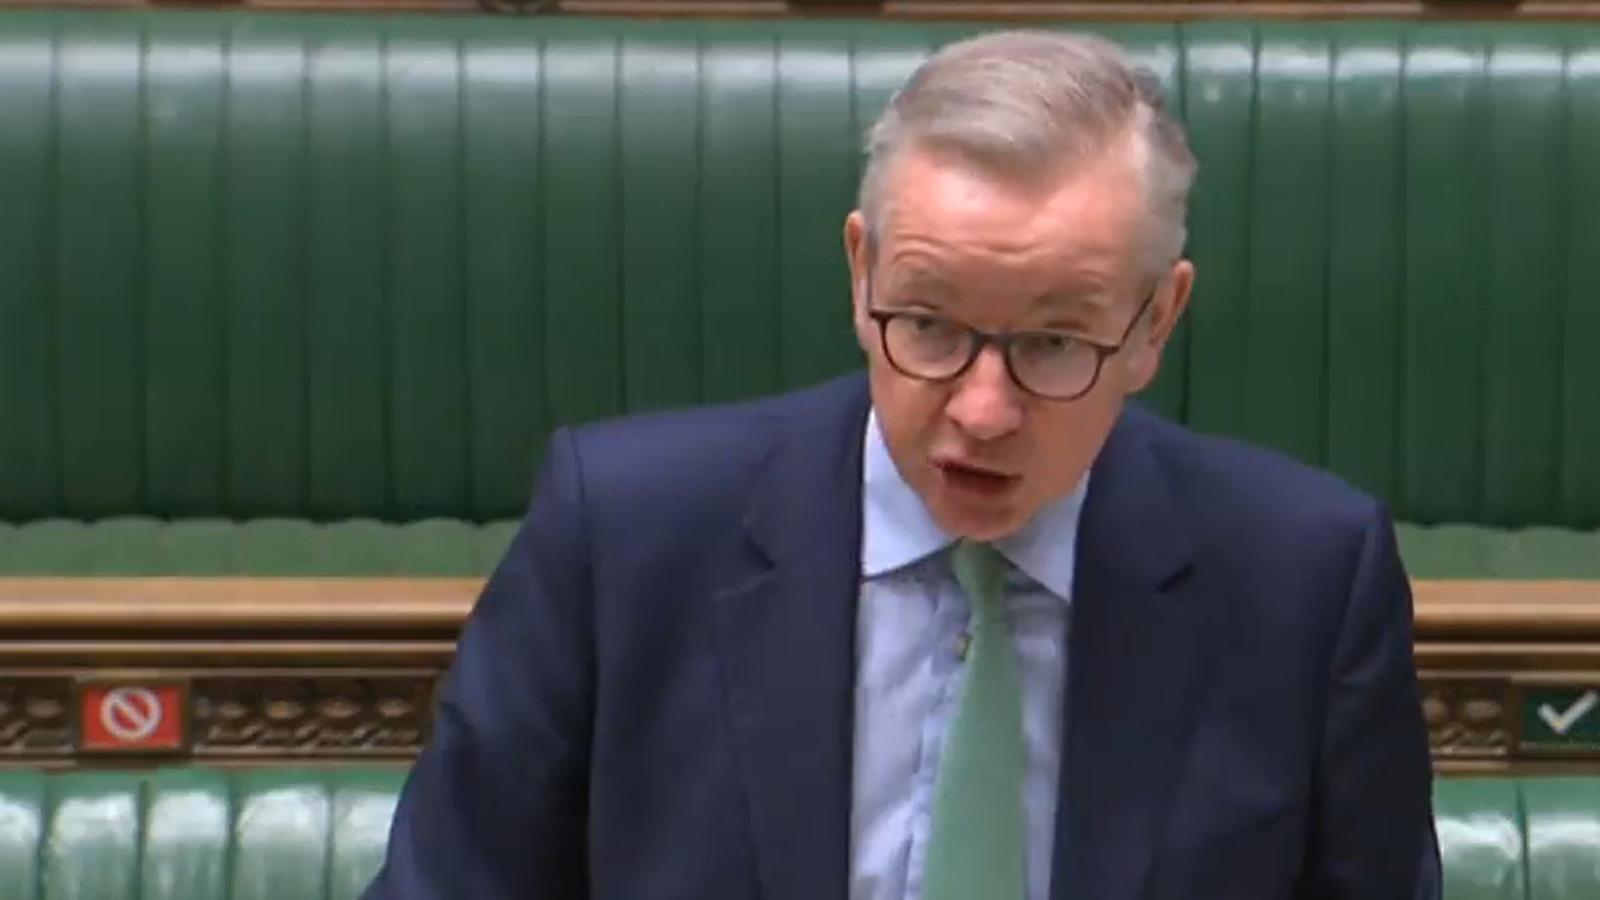 El ministre Michael Gove, intervenint aquest dimecres a la cambra dels Comuns